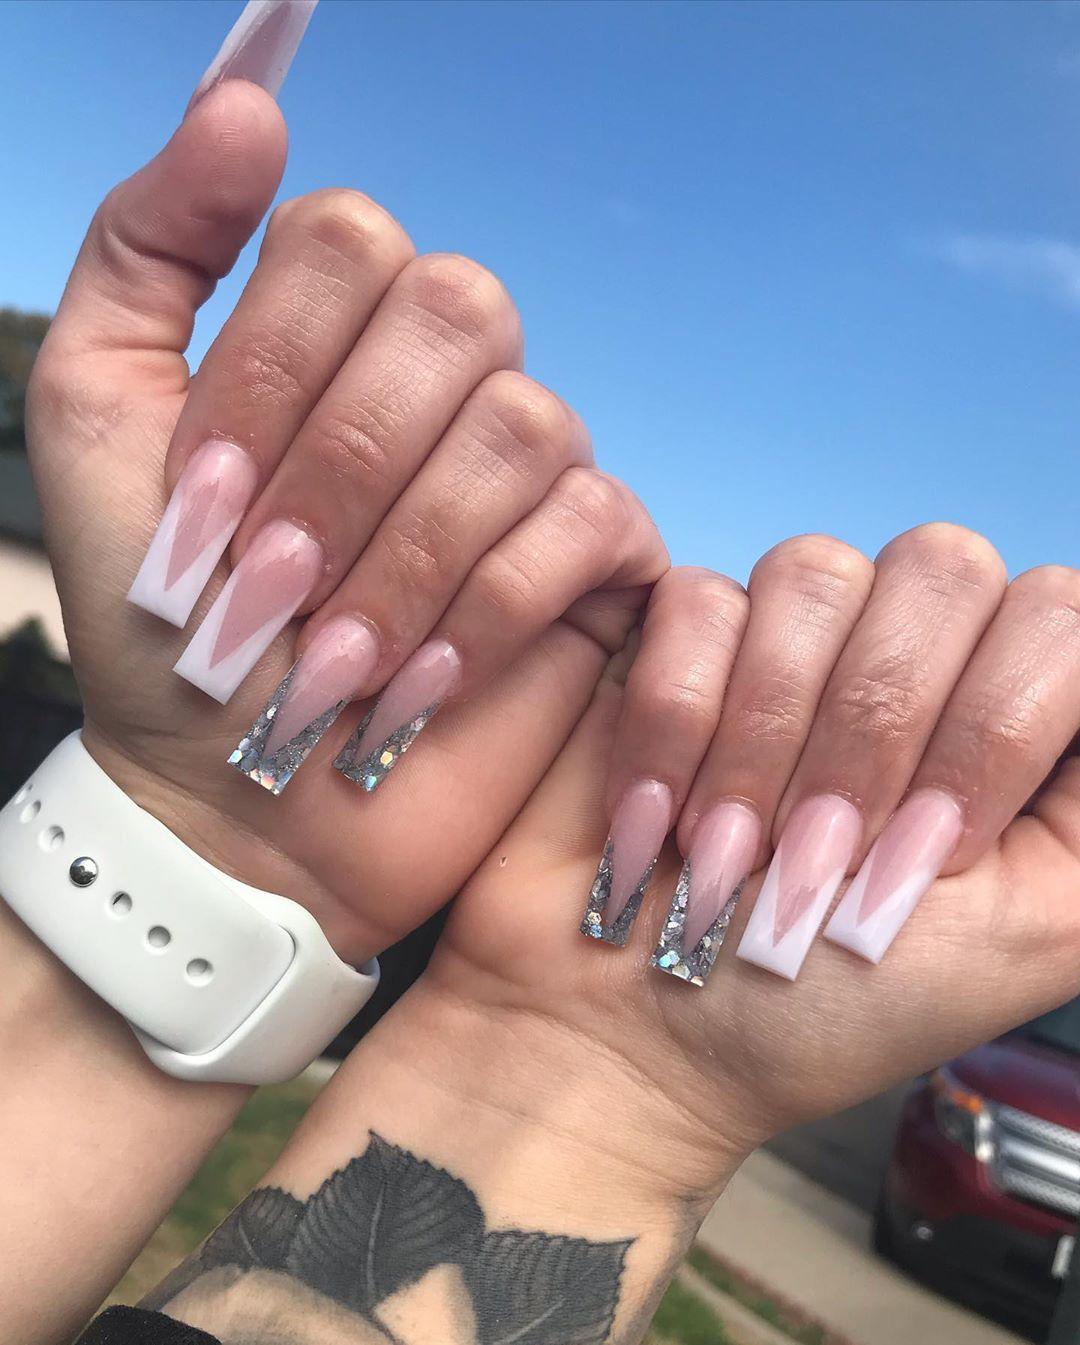 Stiletto vs. coffin nail designs